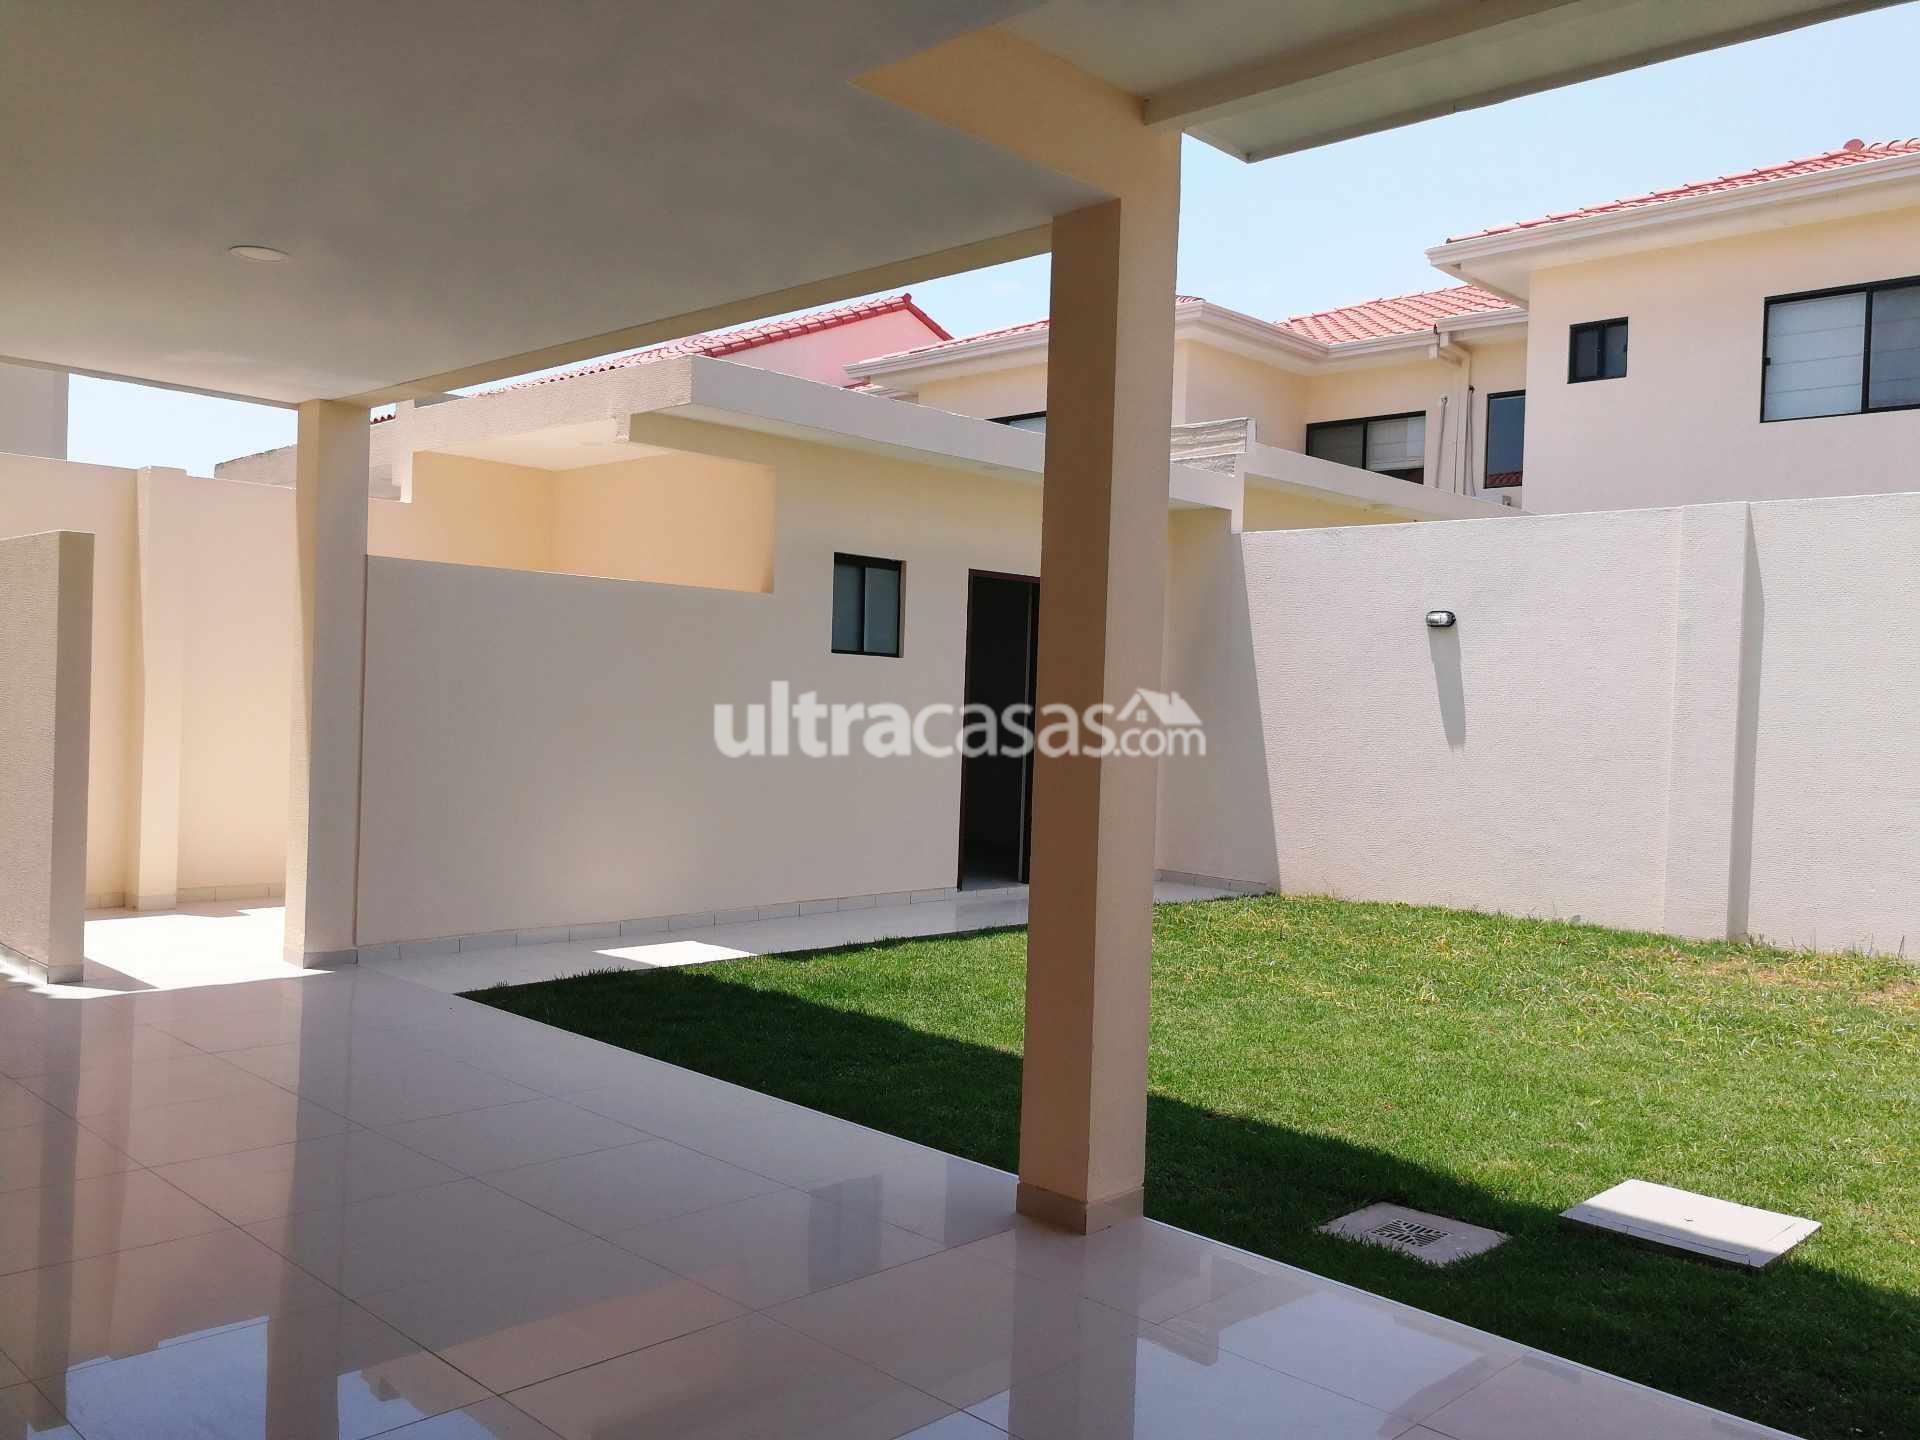 Casa en Anticretico Av. Beni 8vo. Anillo Foto 17